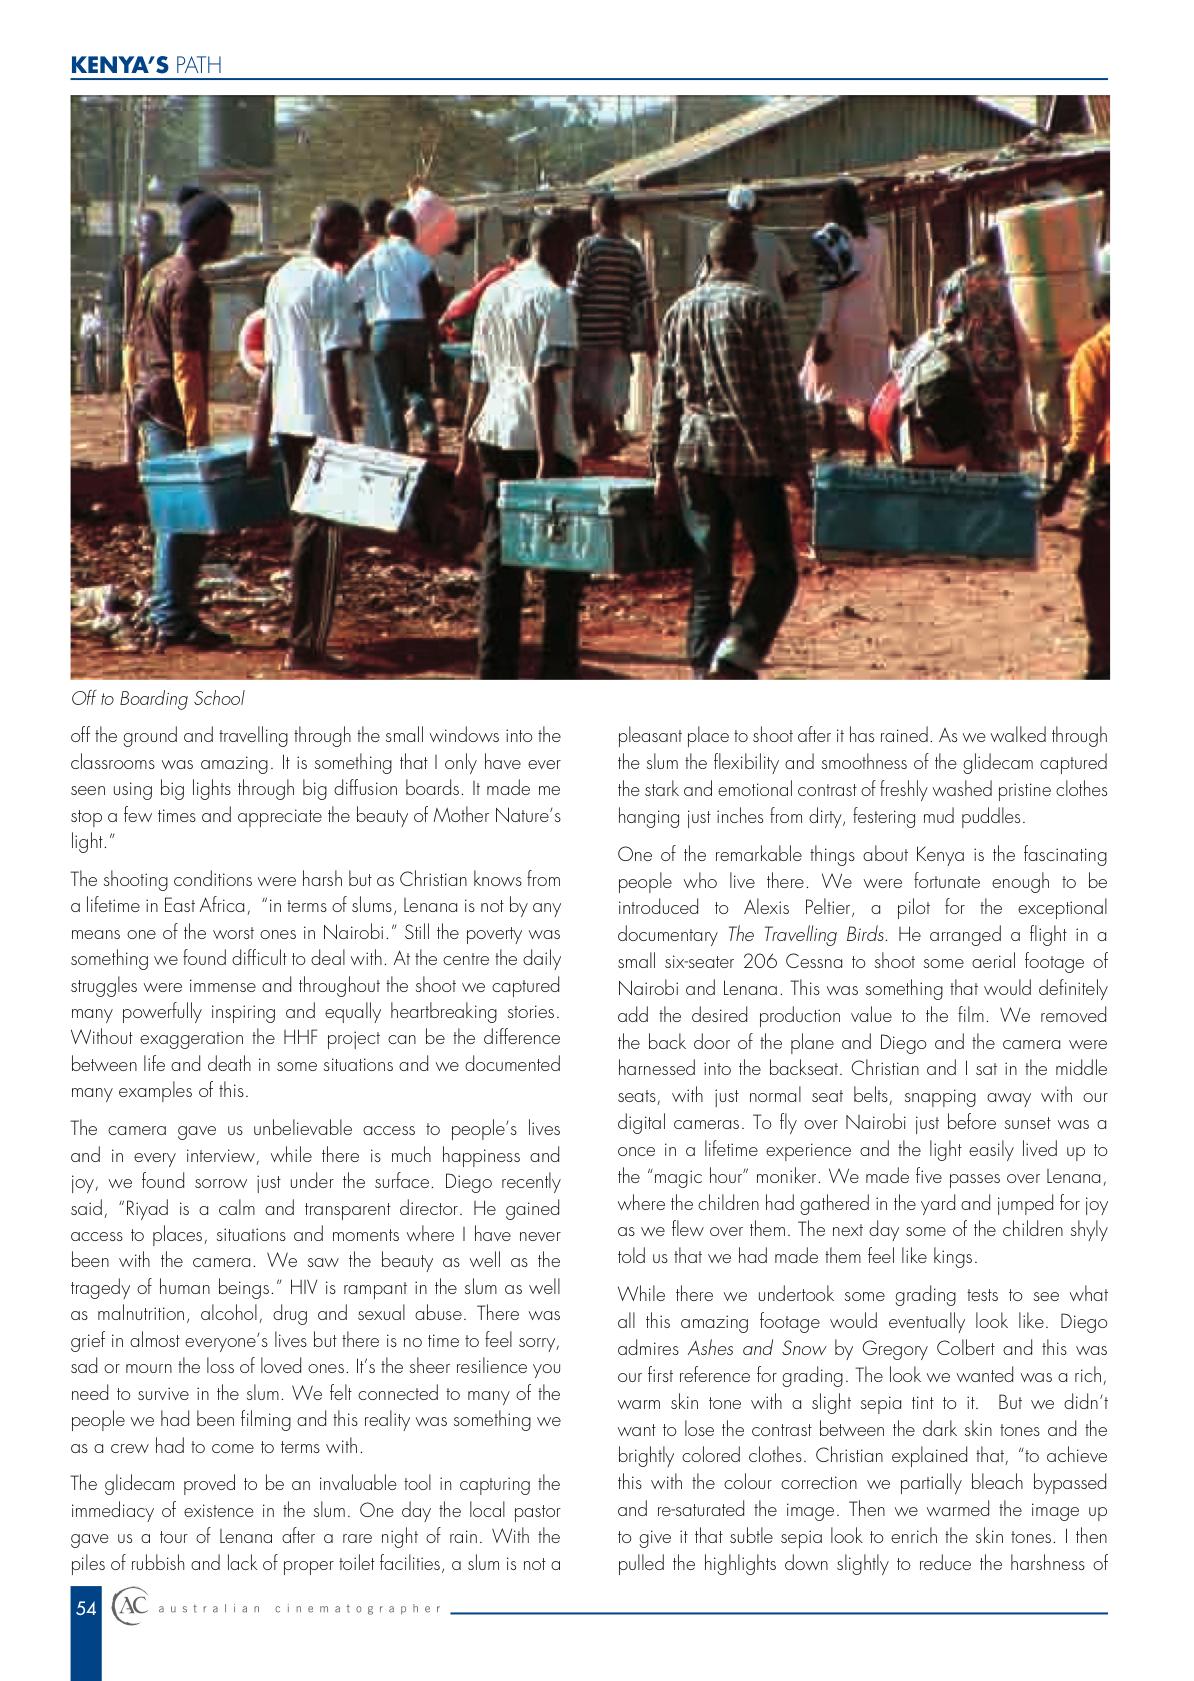 AC 42 Kenyas Path Article Pg 4